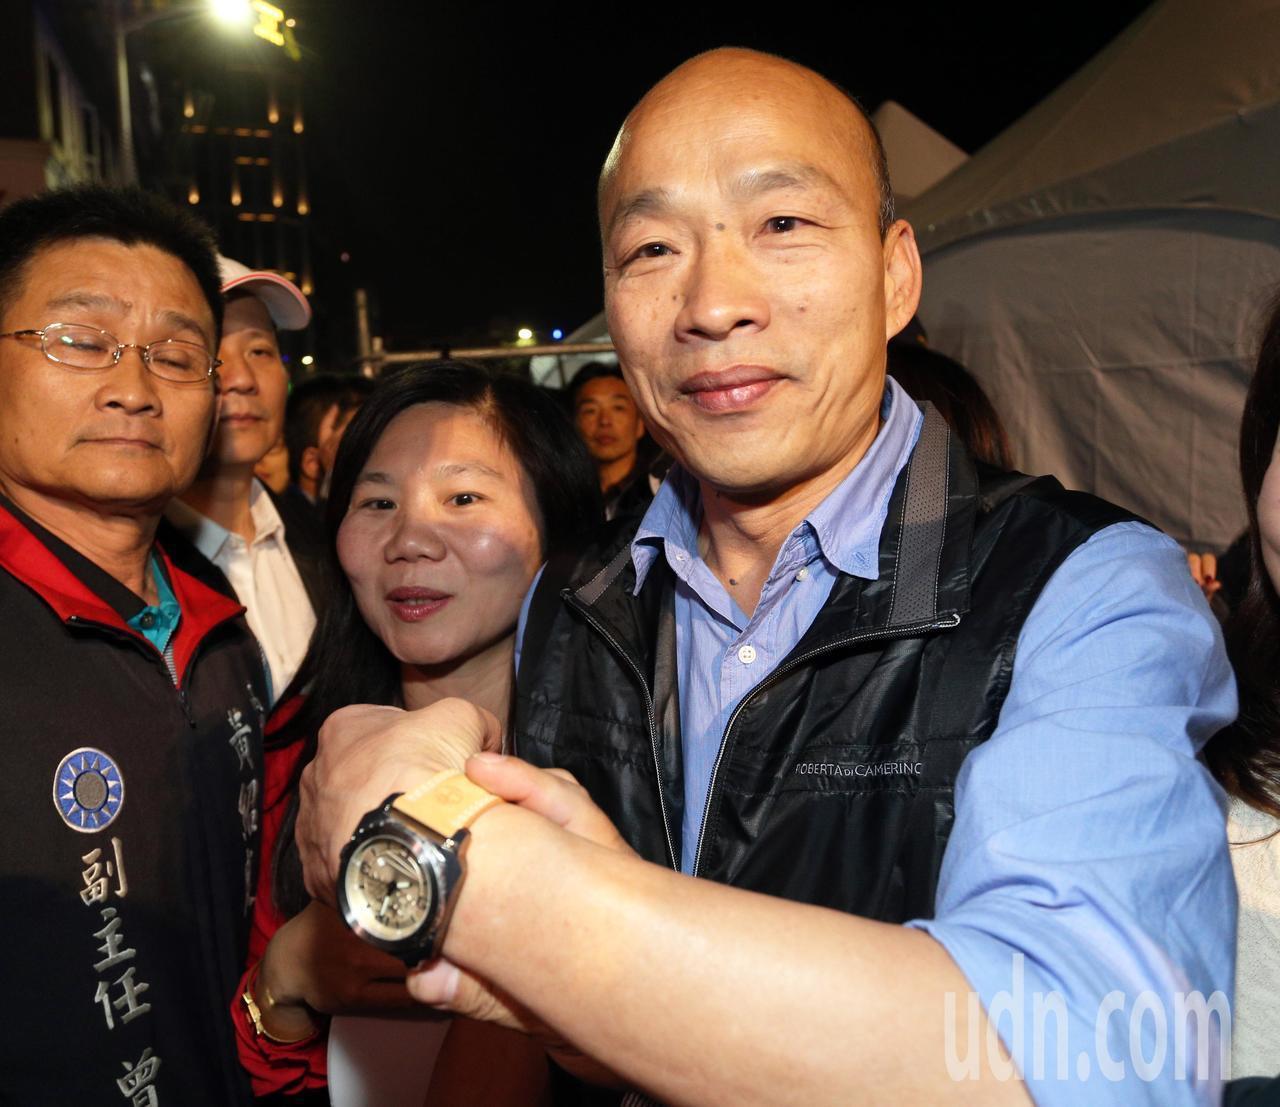 高雄市長韓國瑜(右)透露他手上戴的手錶是王世堅送給他的新年禮物。圖/聯合報系資料...